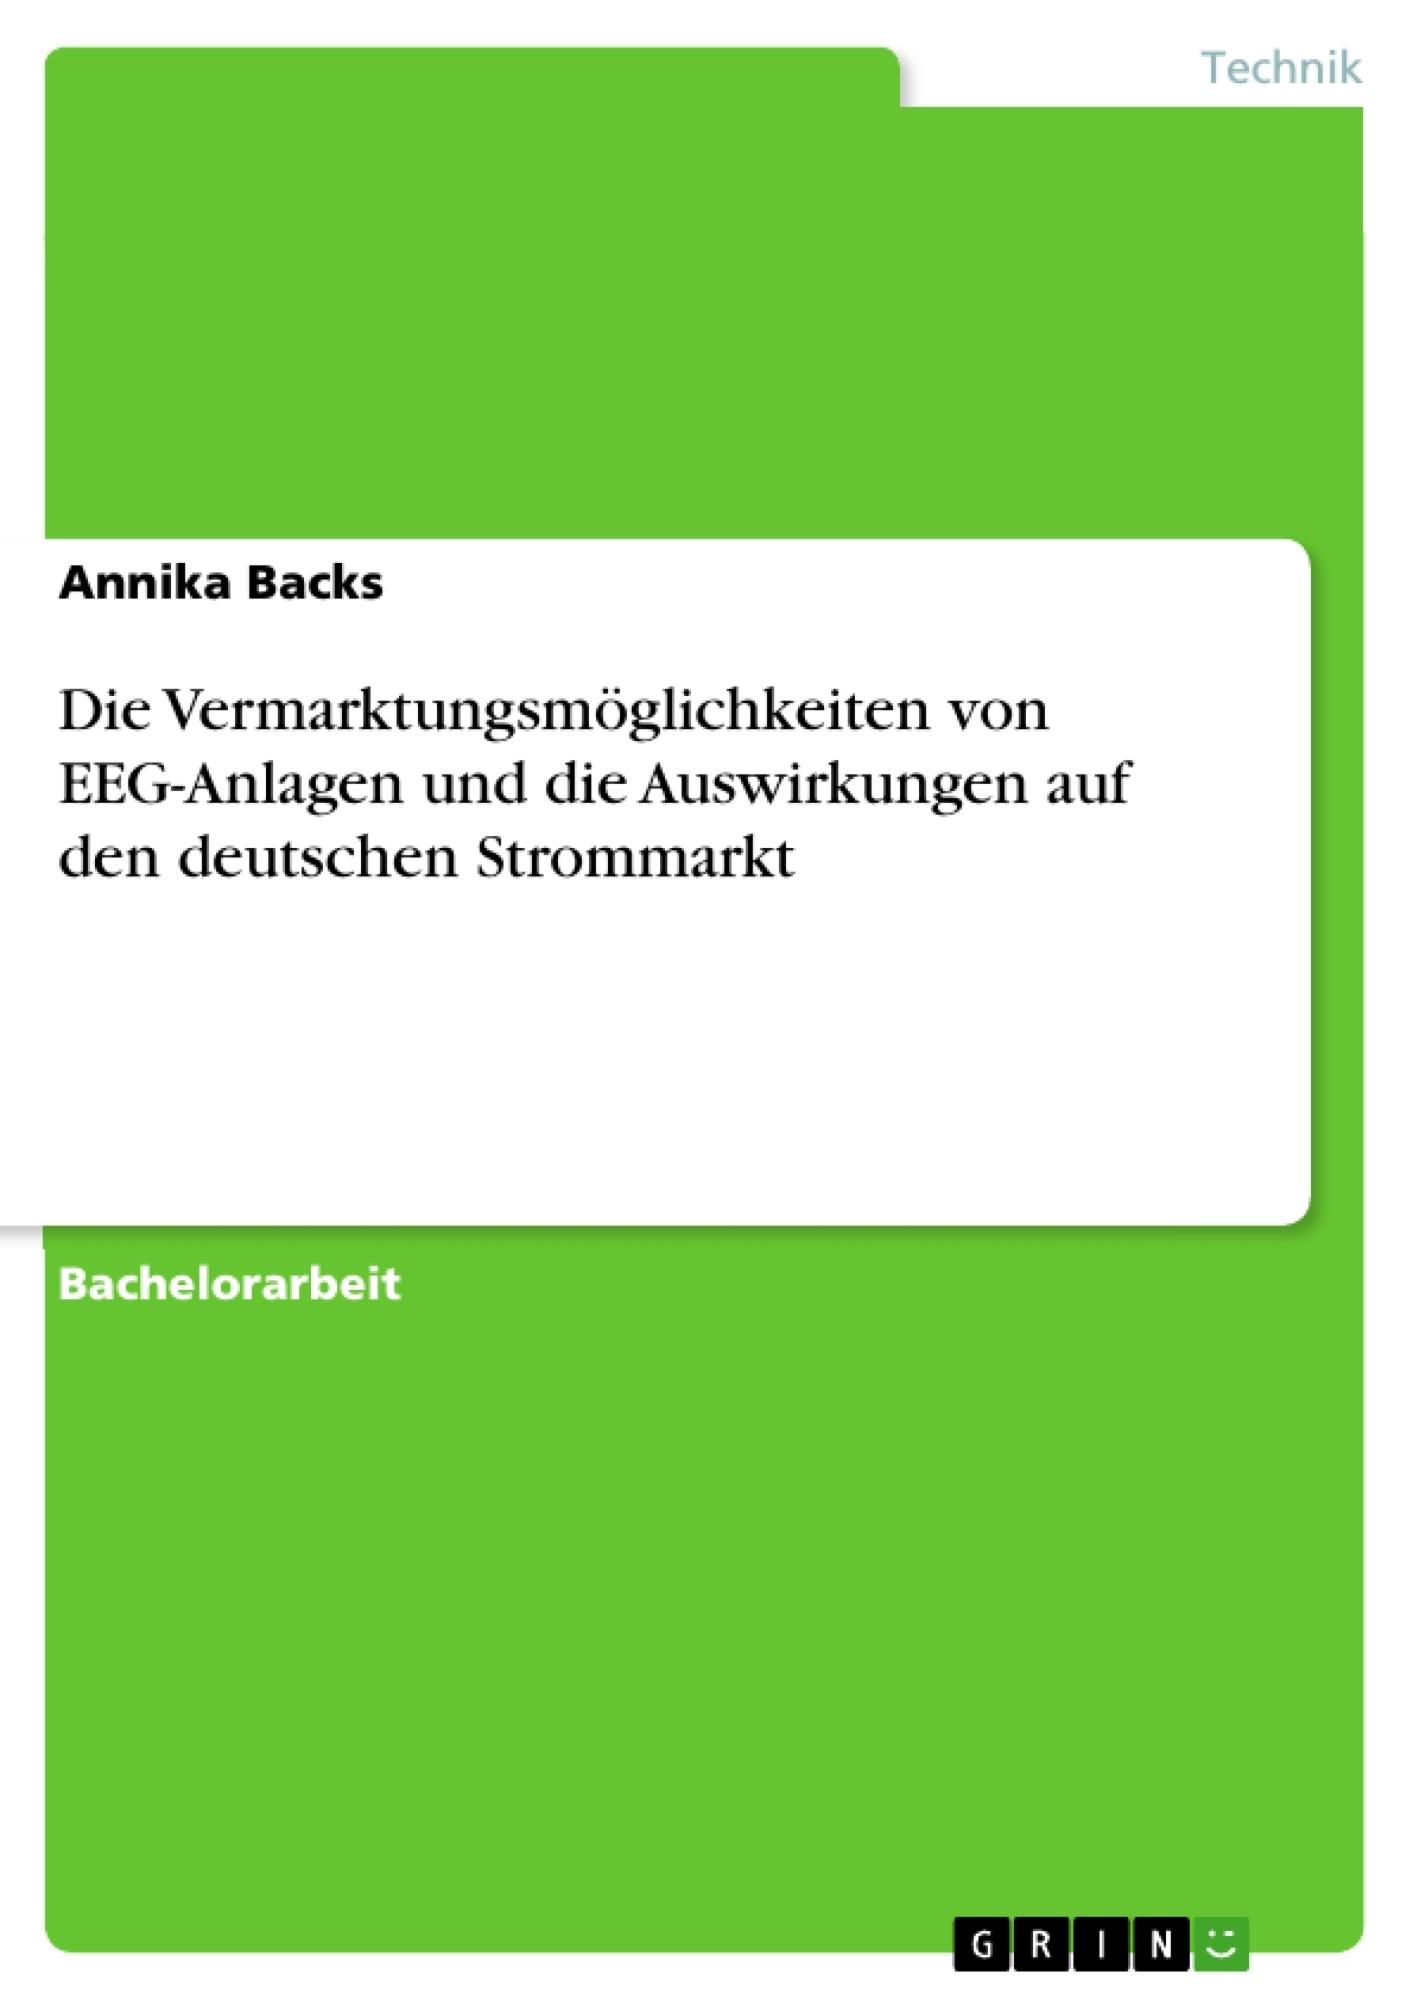 Titel: Die Vermarktungsmöglichkeiten von EEG-Anlagen und die Auswirkungen auf den deutschen Strommarkt